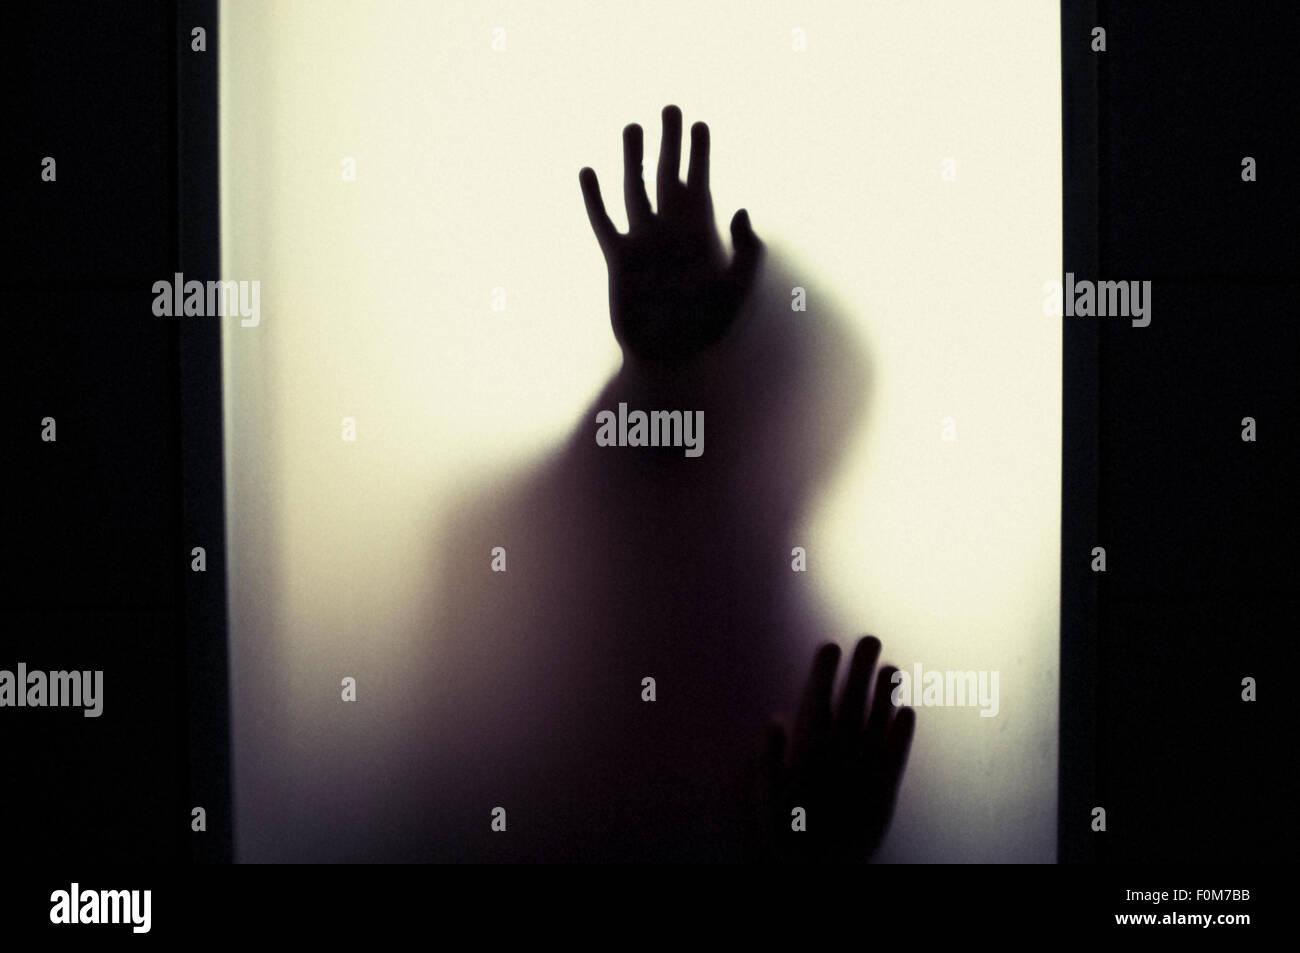 Silhouette des kleinen Kindes Hände hochhalten. Konzeptbild von Kindheit Ängste, Missbrauch und Sicherheit Stockbild